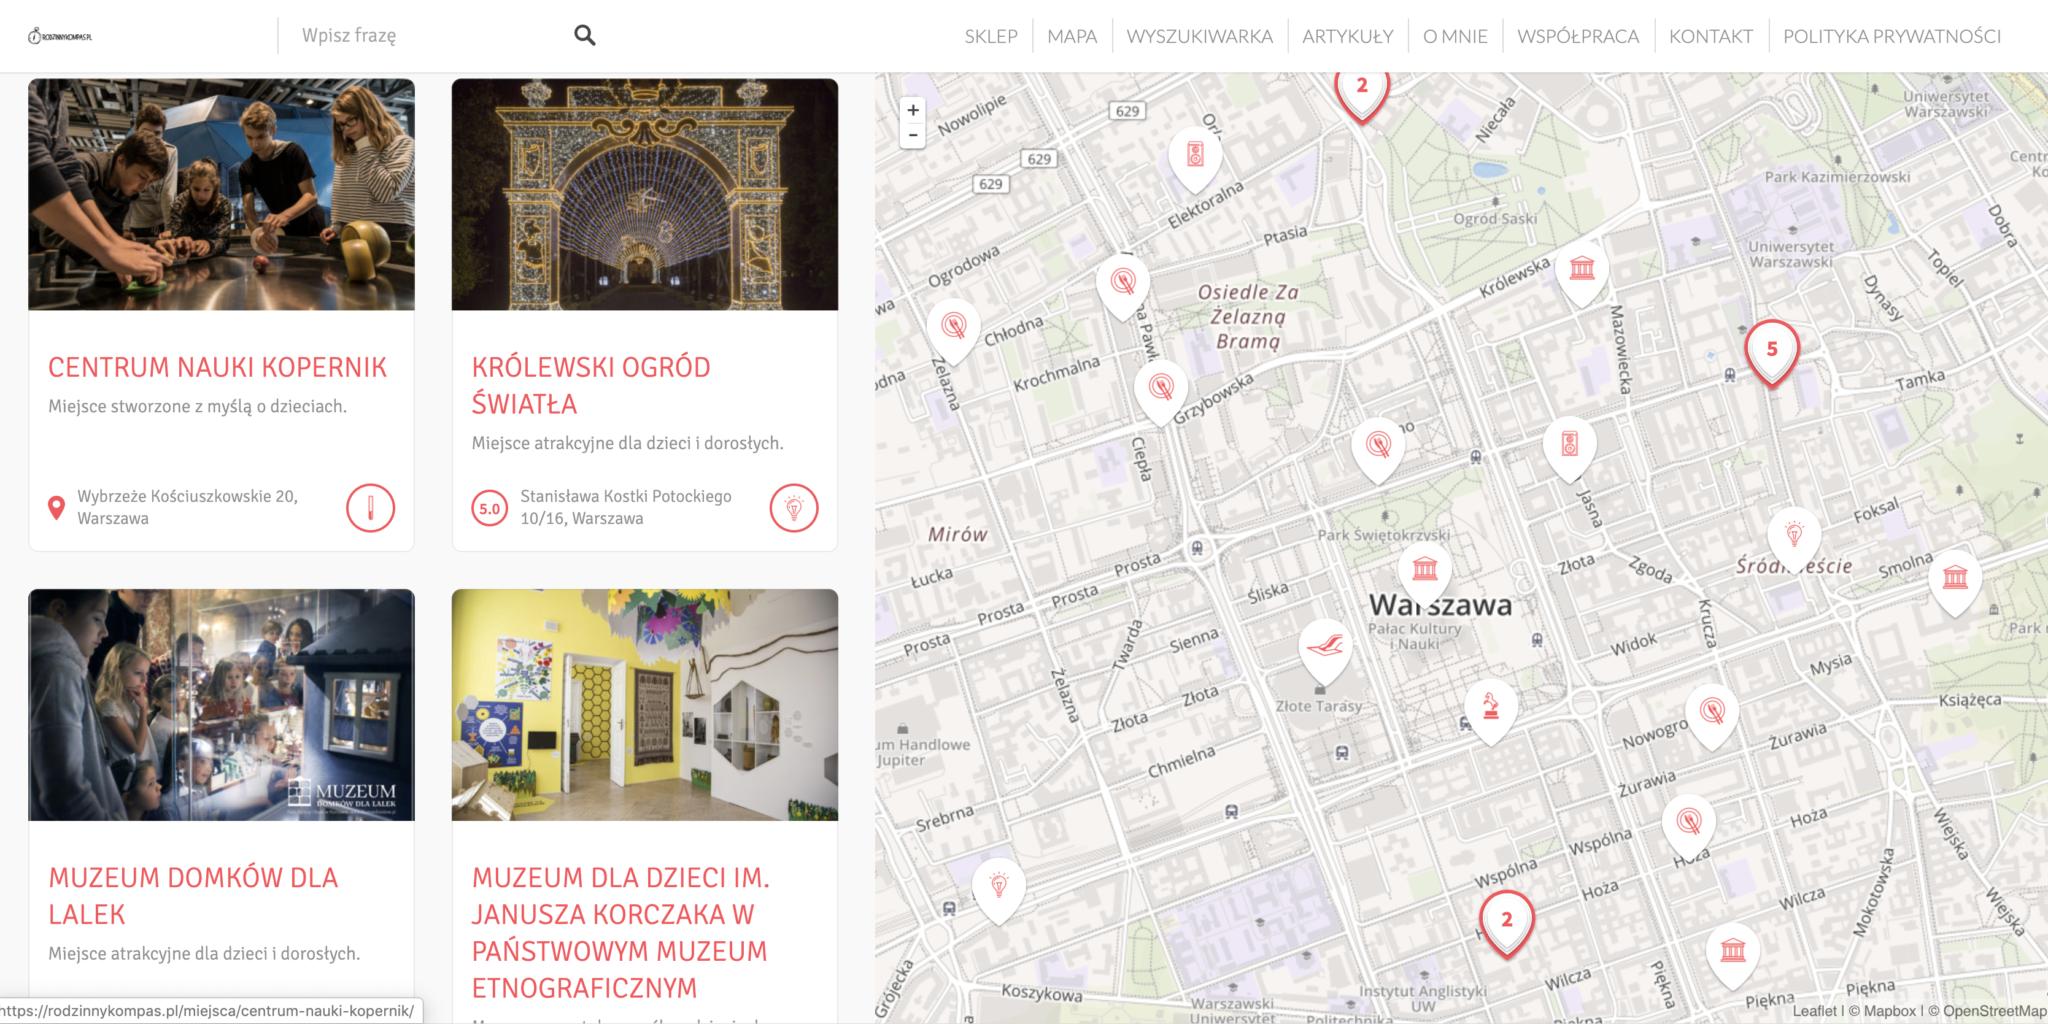 Atrakcje dla dzieci w Polsce - zobacz miejsca przyjazne dzieciom na mapie Rodzinny Kompas 5